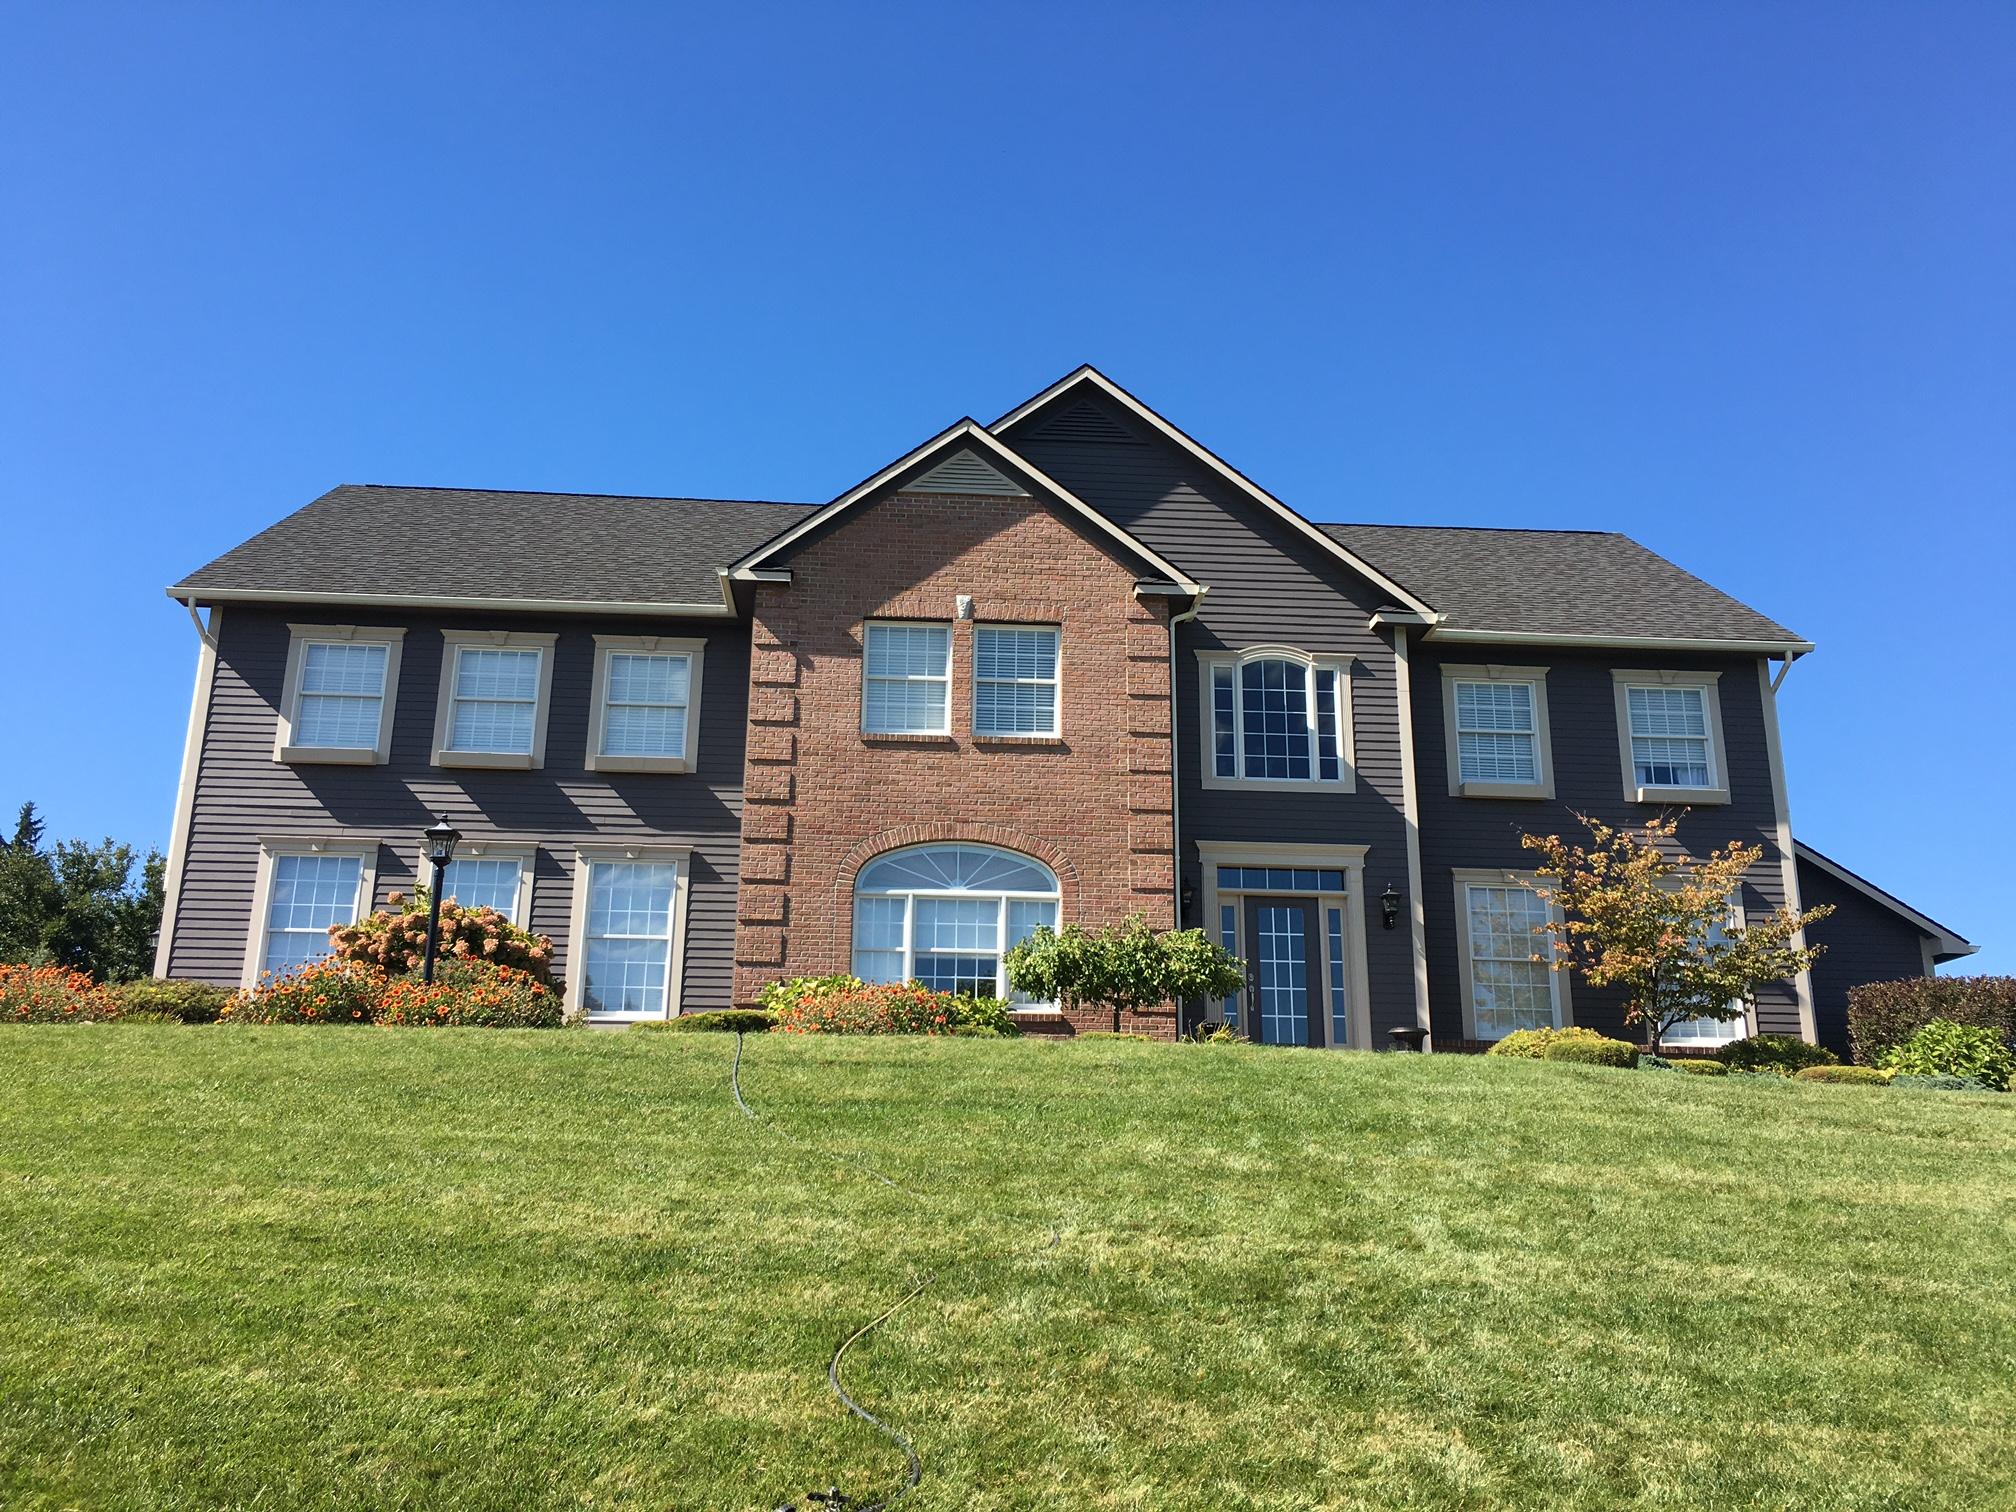 exterior house painting manlius ny syracuse ny house exterior house painting jamesville